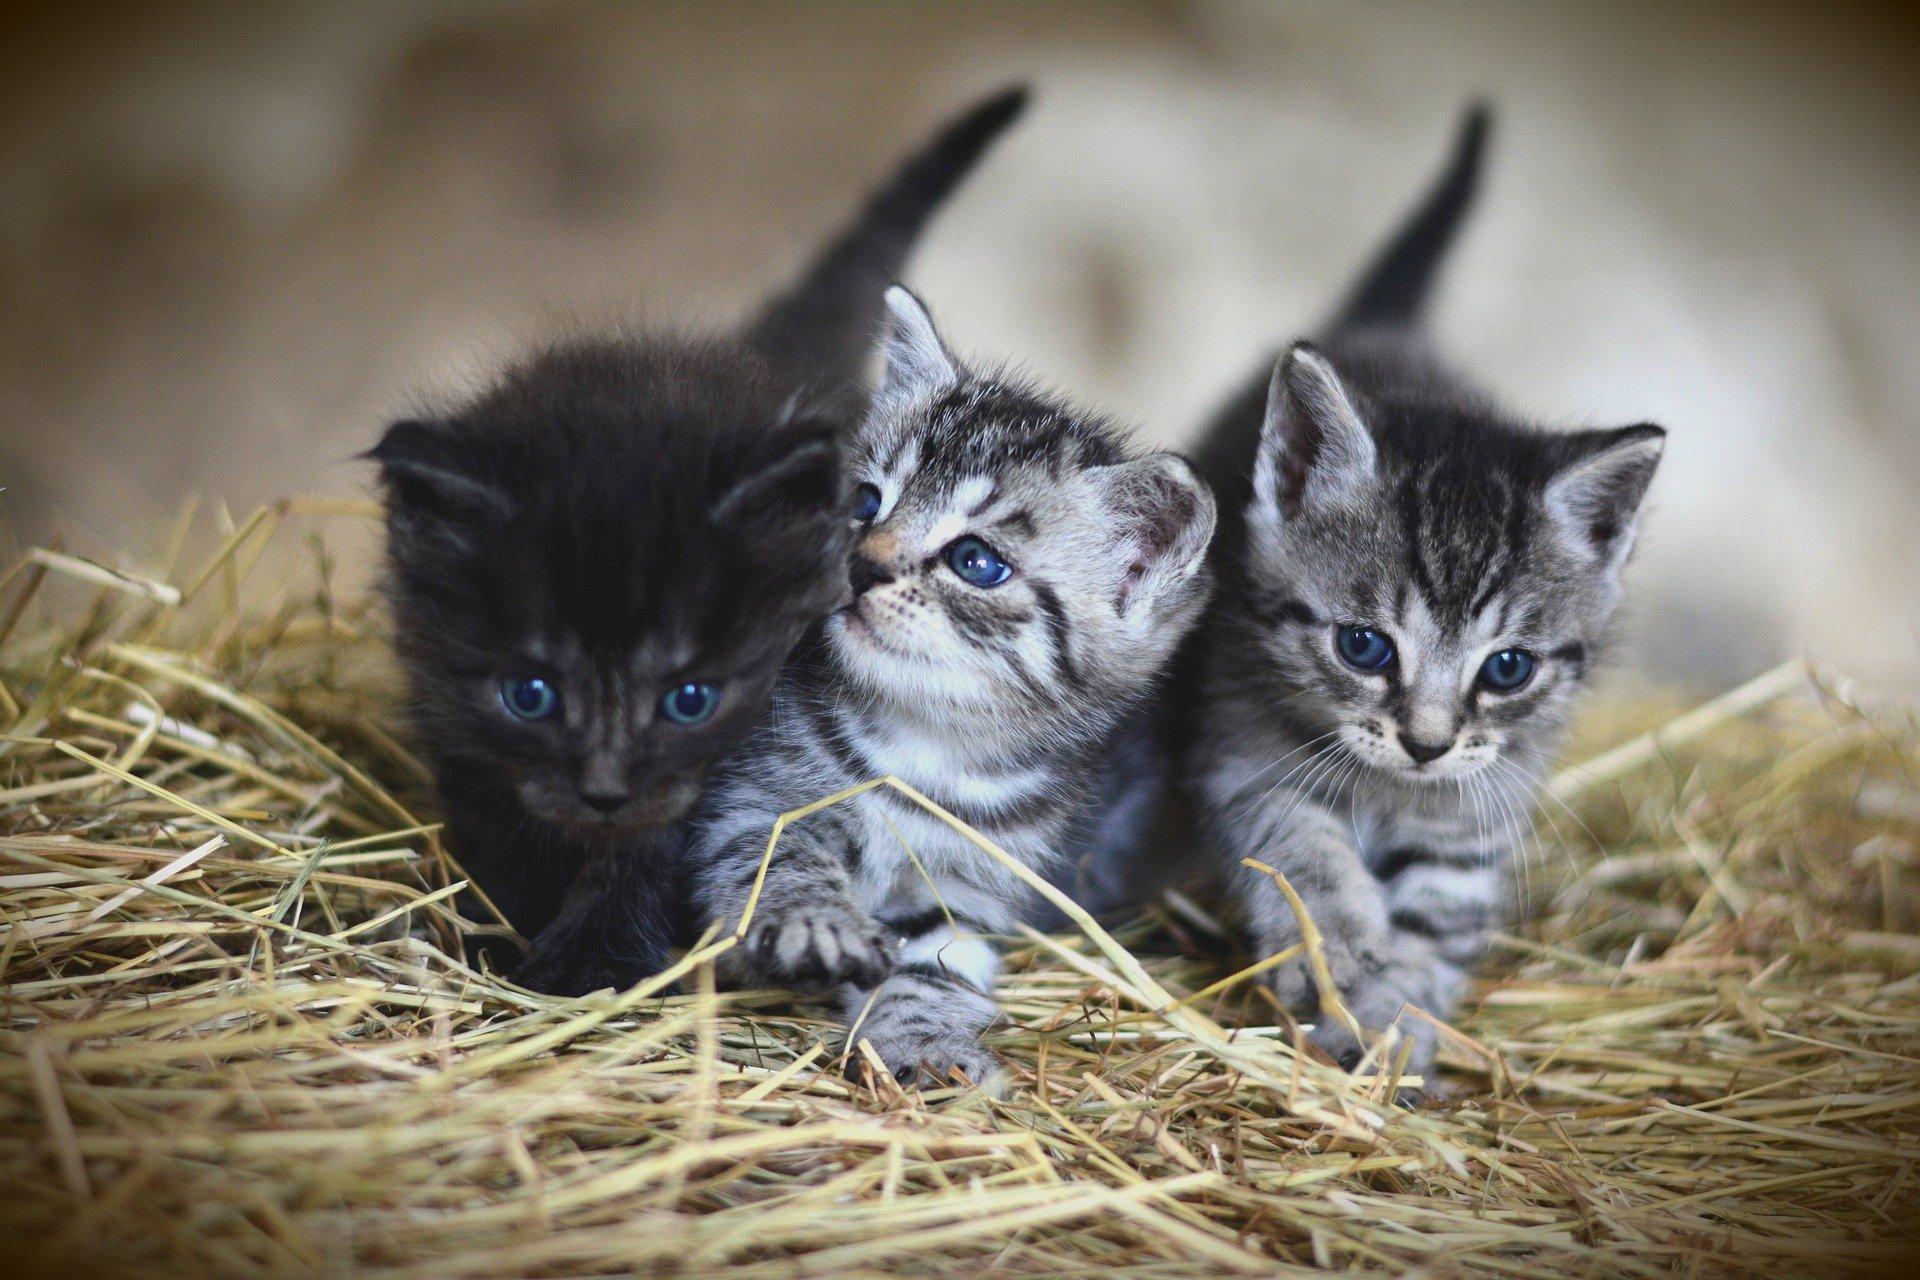 Los gatitos son animales de rápido crecimiento